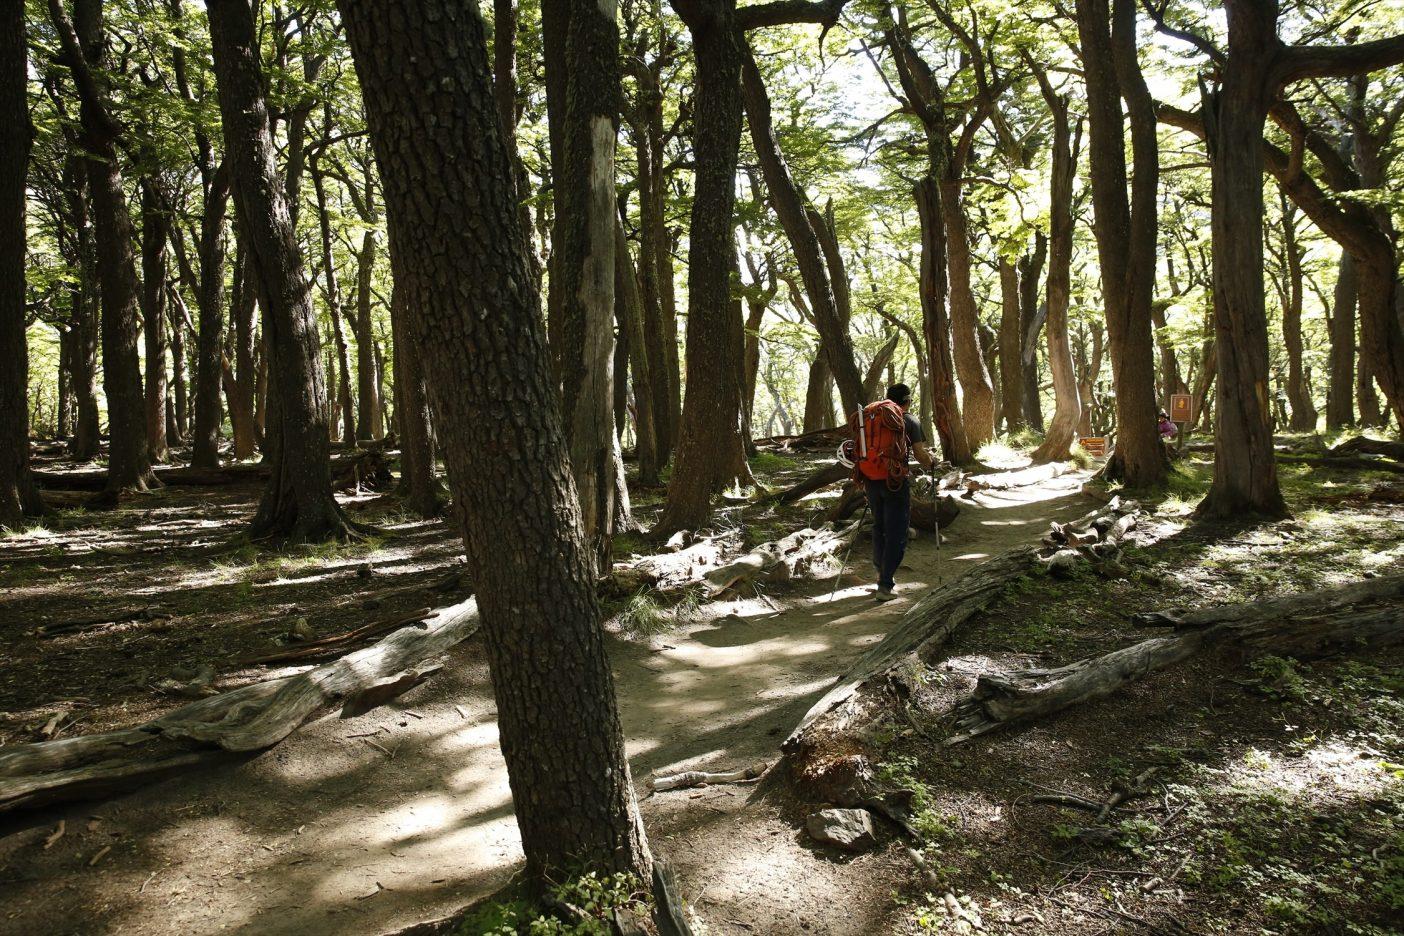 山へのアプローチは美しい南極ブナの森を歩いてゆく。写真:佐藤正純